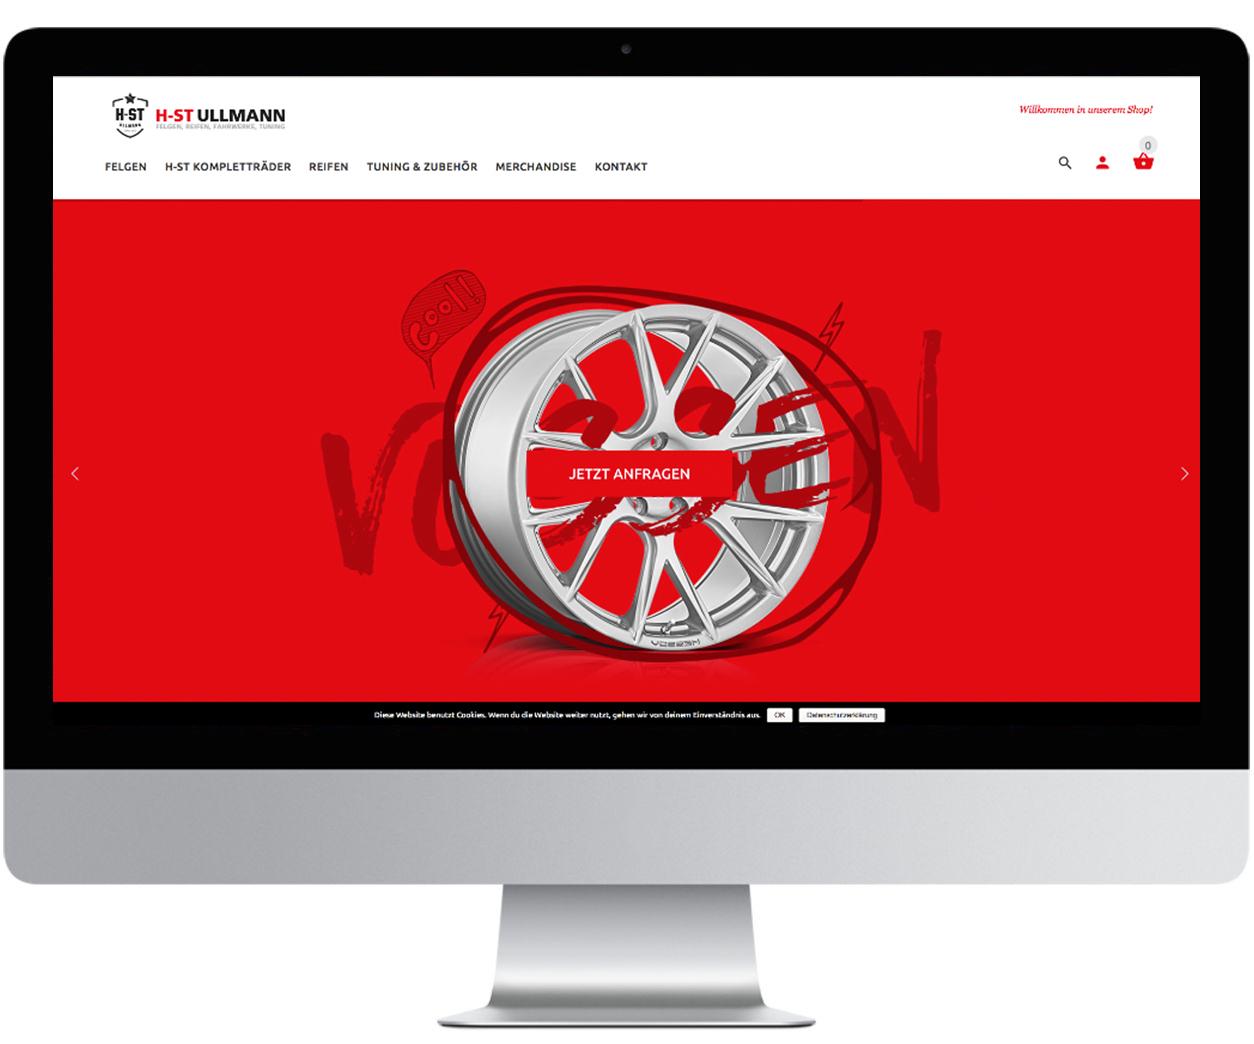 h-st-ullmann-logo-new-web